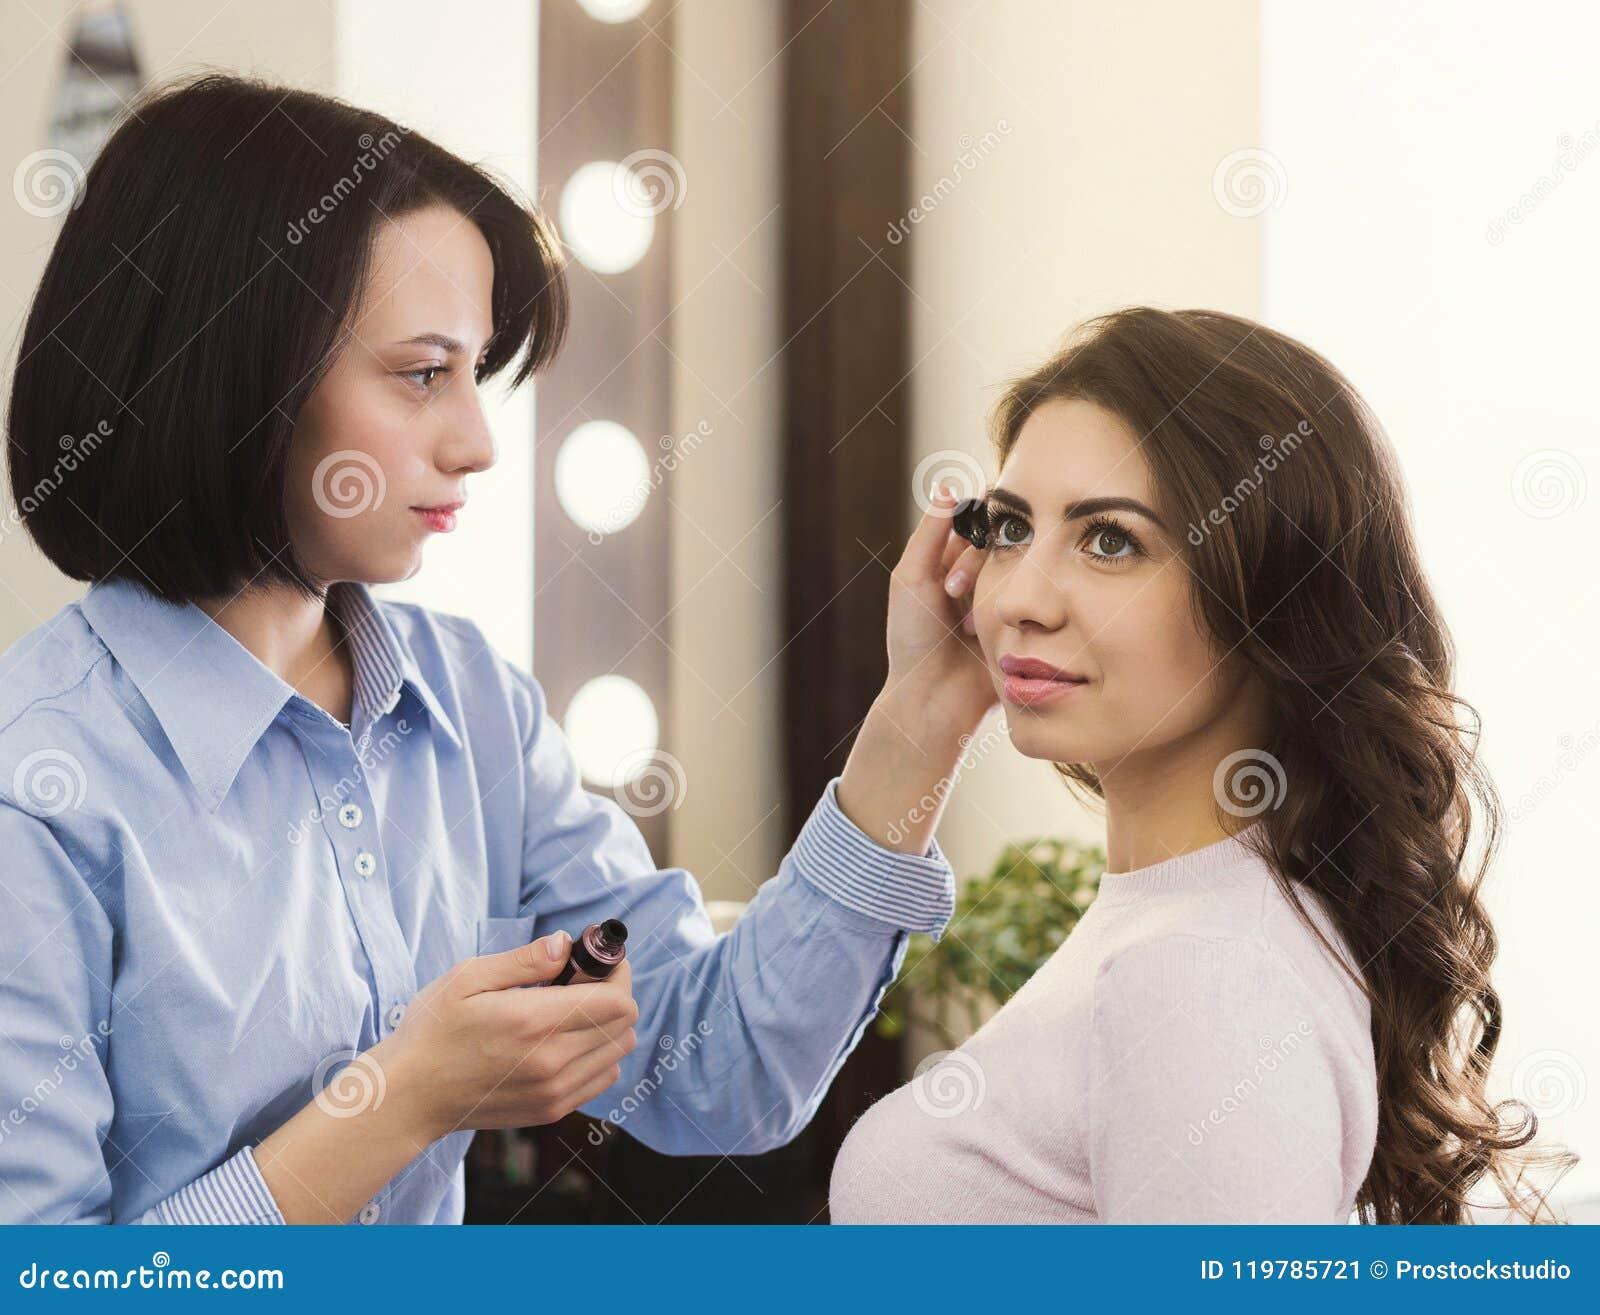 De grimeur maakt omhoog wimpers voor mooi meisje